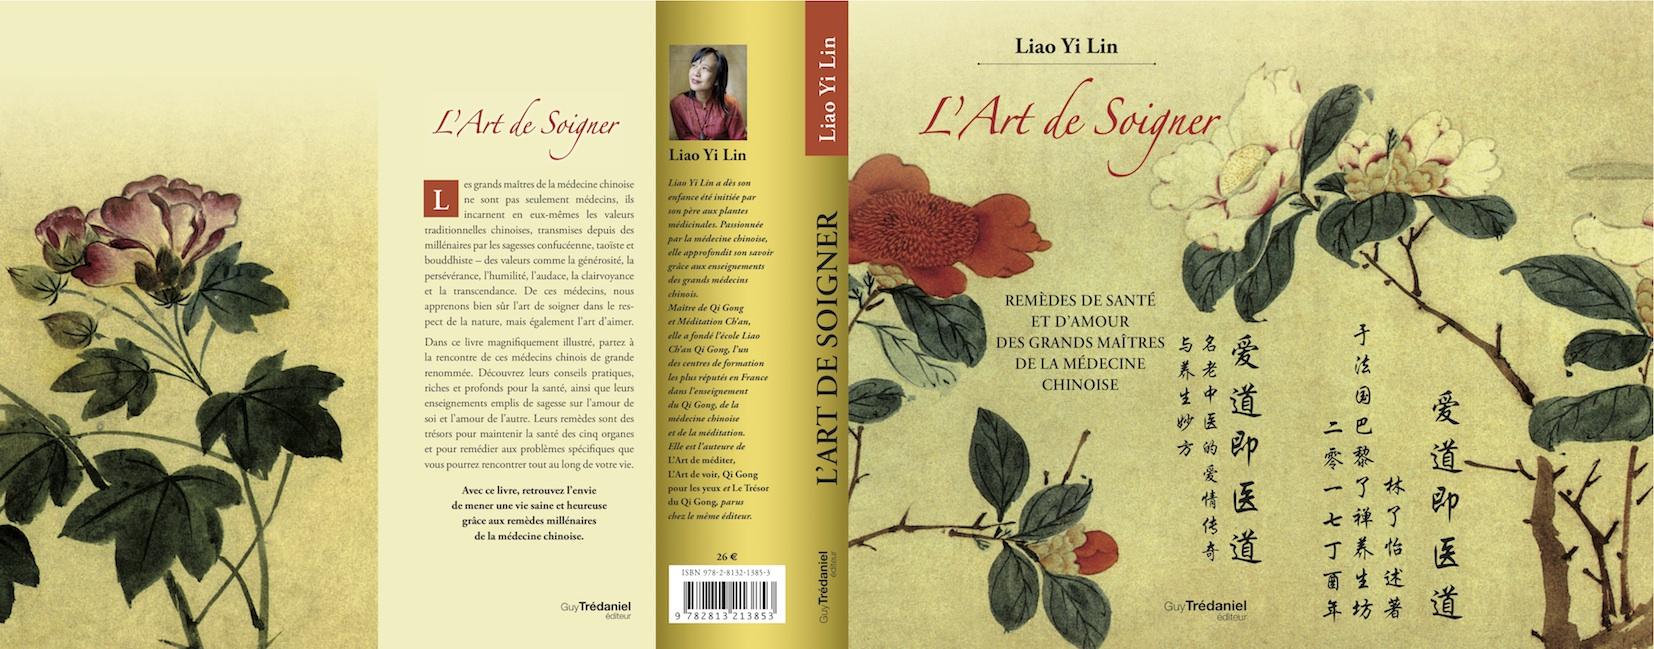 COUVERTURE L'ART DE SOIGNER web